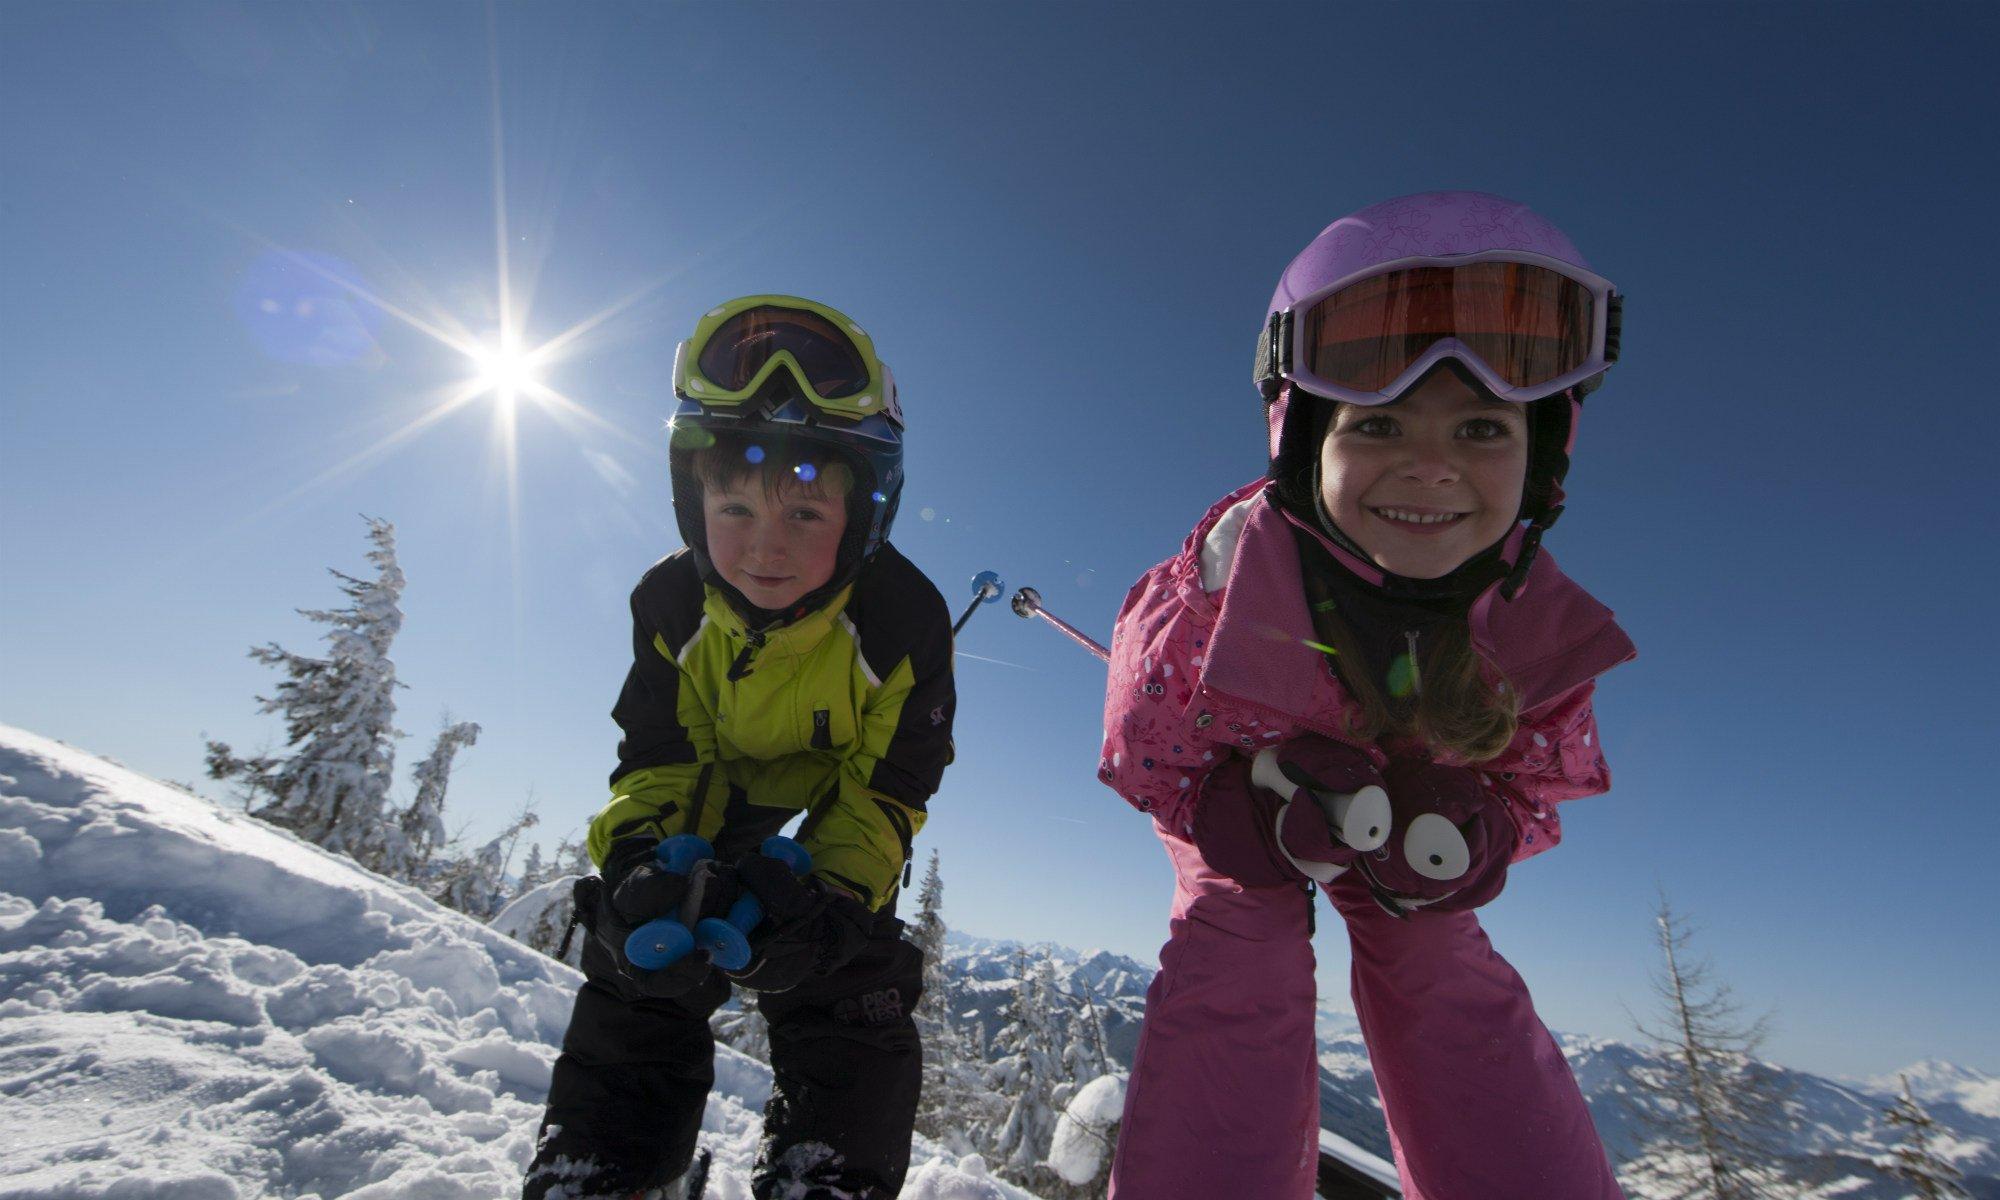 Zwei 6-jährige Kinder haben Spaß beim Skifahren.